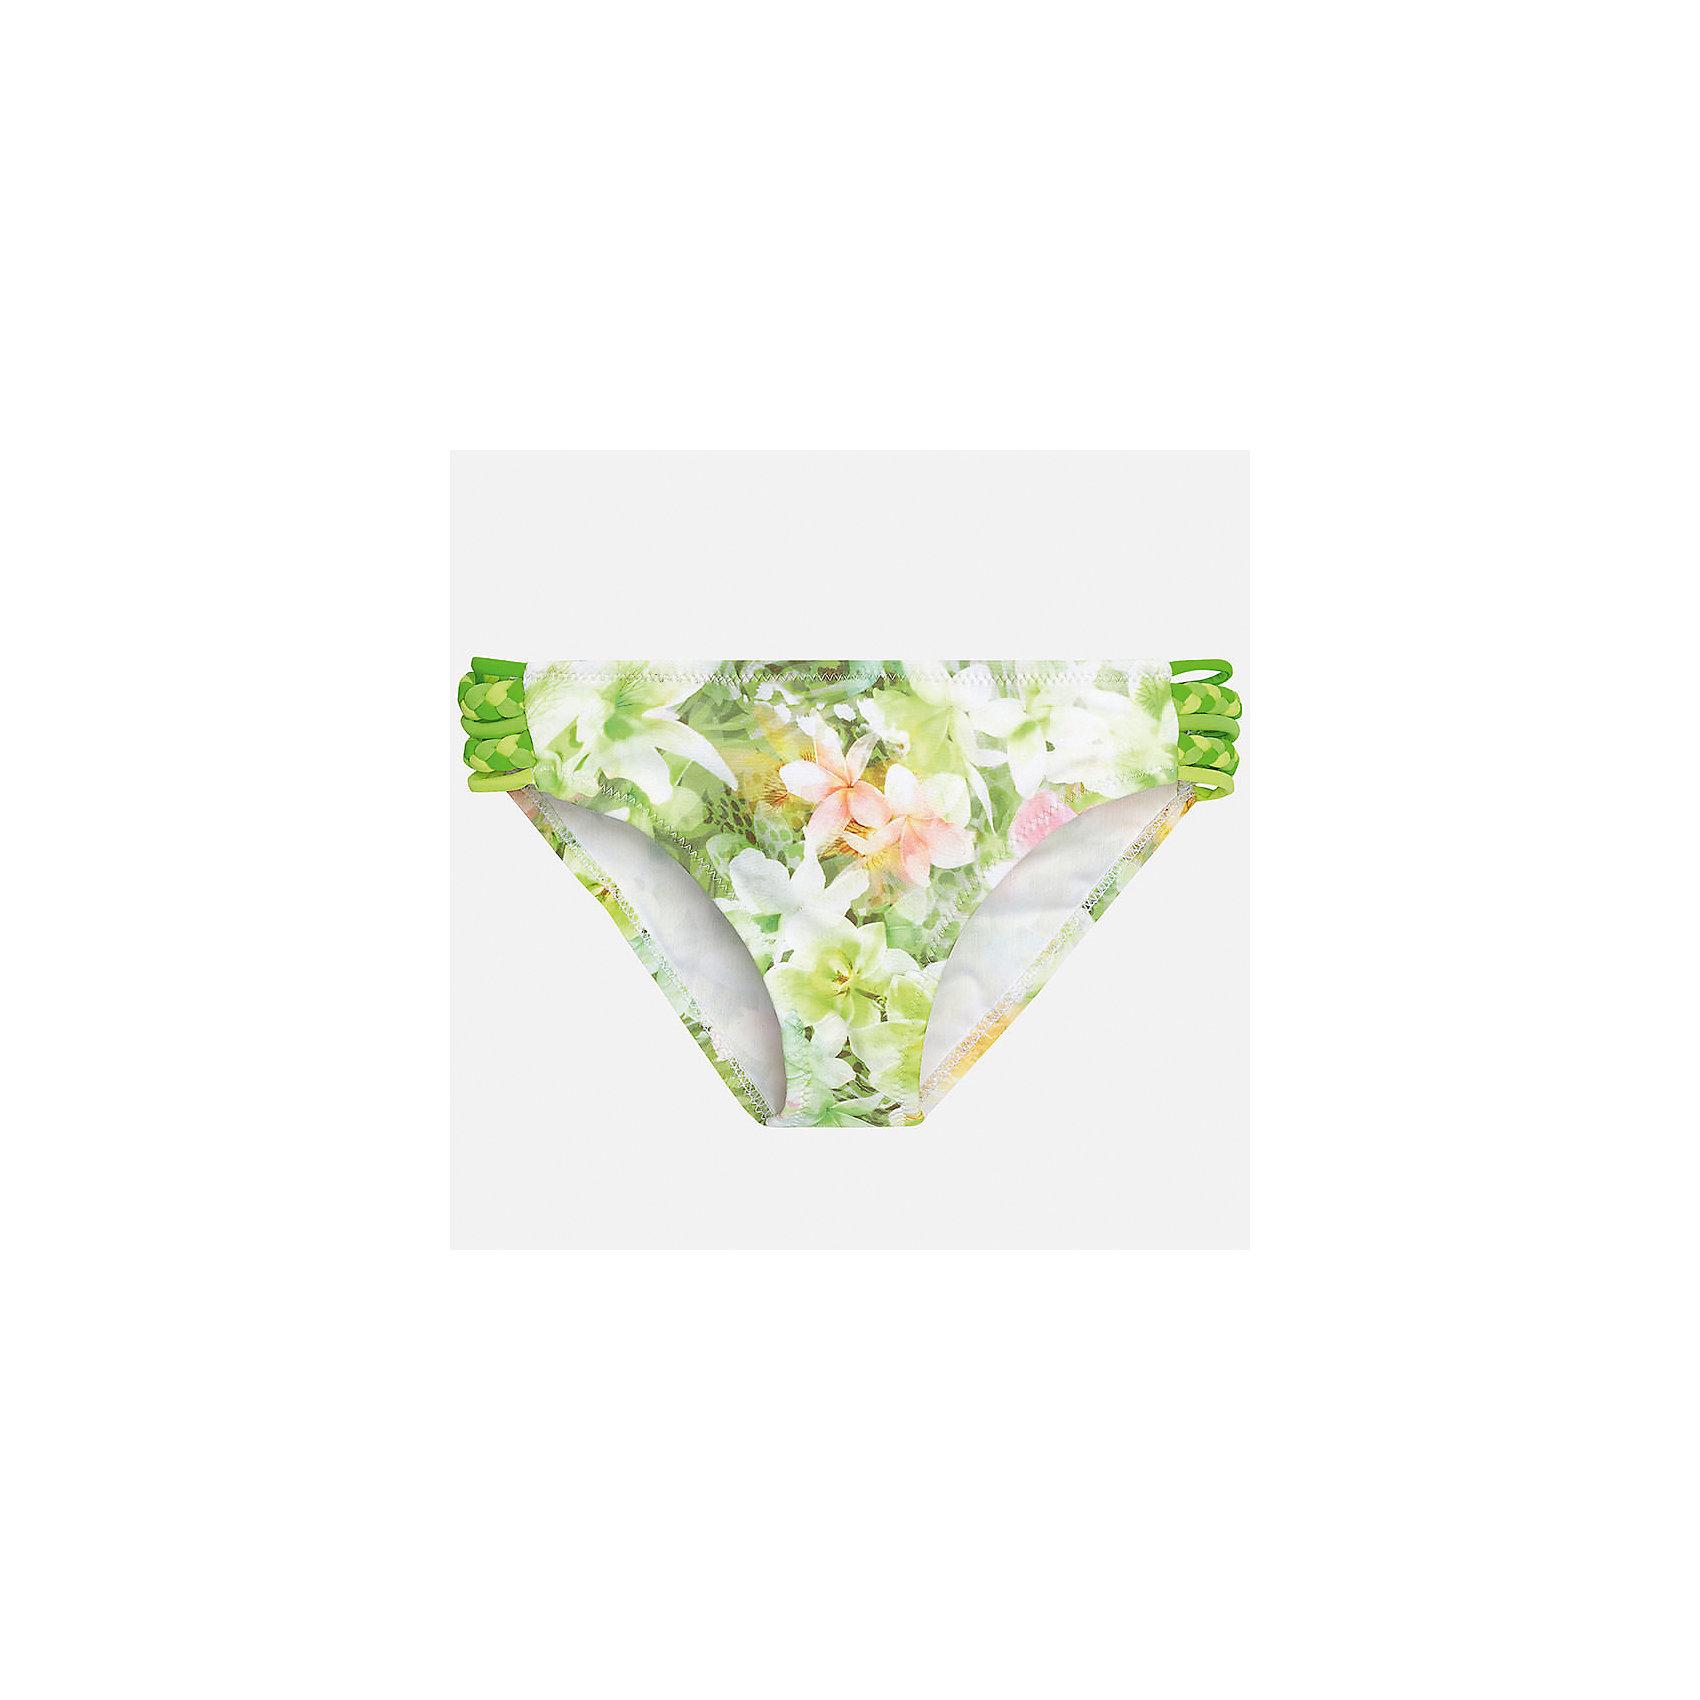 Трусы для девочки MayoralКупальники и плавки<br>Характеристики товара:<br><br>• цвет: зеленый принт<br>• состав: верх - 85% полиэстер, 15% эластан, подкладка - 96% полиамид, 4% эластан<br>• украшен принтом <br>• комплектация: 1 предмет<br>• с подкладкой<br>• быстросохнущий материал<br>• страна бренда: Испания<br><br>Одежда для купания должна быть удобной! Этот купальник для девочки не только хорошо сидит на ребенке, не стесняя движения и не натирая, он отлично смотрится! Предметы сшиты из плотной ткани, но она очень быстро высыхает. Интересная отделка модели делает её нарядной и оригинальной. <br><br>Одежда, обувь и аксессуары от испанского бренда Mayoral полюбились детям и взрослым по всему миру. Модели этой марки - стильные и удобные. Для их производства используются только безопасные, качественные материалы и фурнитура. Порадуйте ребенка модными и красивыми вещами от Mayoral! <br><br>Купальник для девочки от испанского бренда Mayoral (Майорал) можно купить в нашем интернет-магазине.<br><br>Ширина мм: 196<br>Глубина мм: 10<br>Высота мм: 154<br>Вес г: 152<br>Цвет: зеленый<br>Возраст от месяцев: 168<br>Возраст до месяцев: 180<br>Пол: Женский<br>Возраст: Детский<br>Размер: 170,128/134,140,152,158,164<br>SKU: 5293098